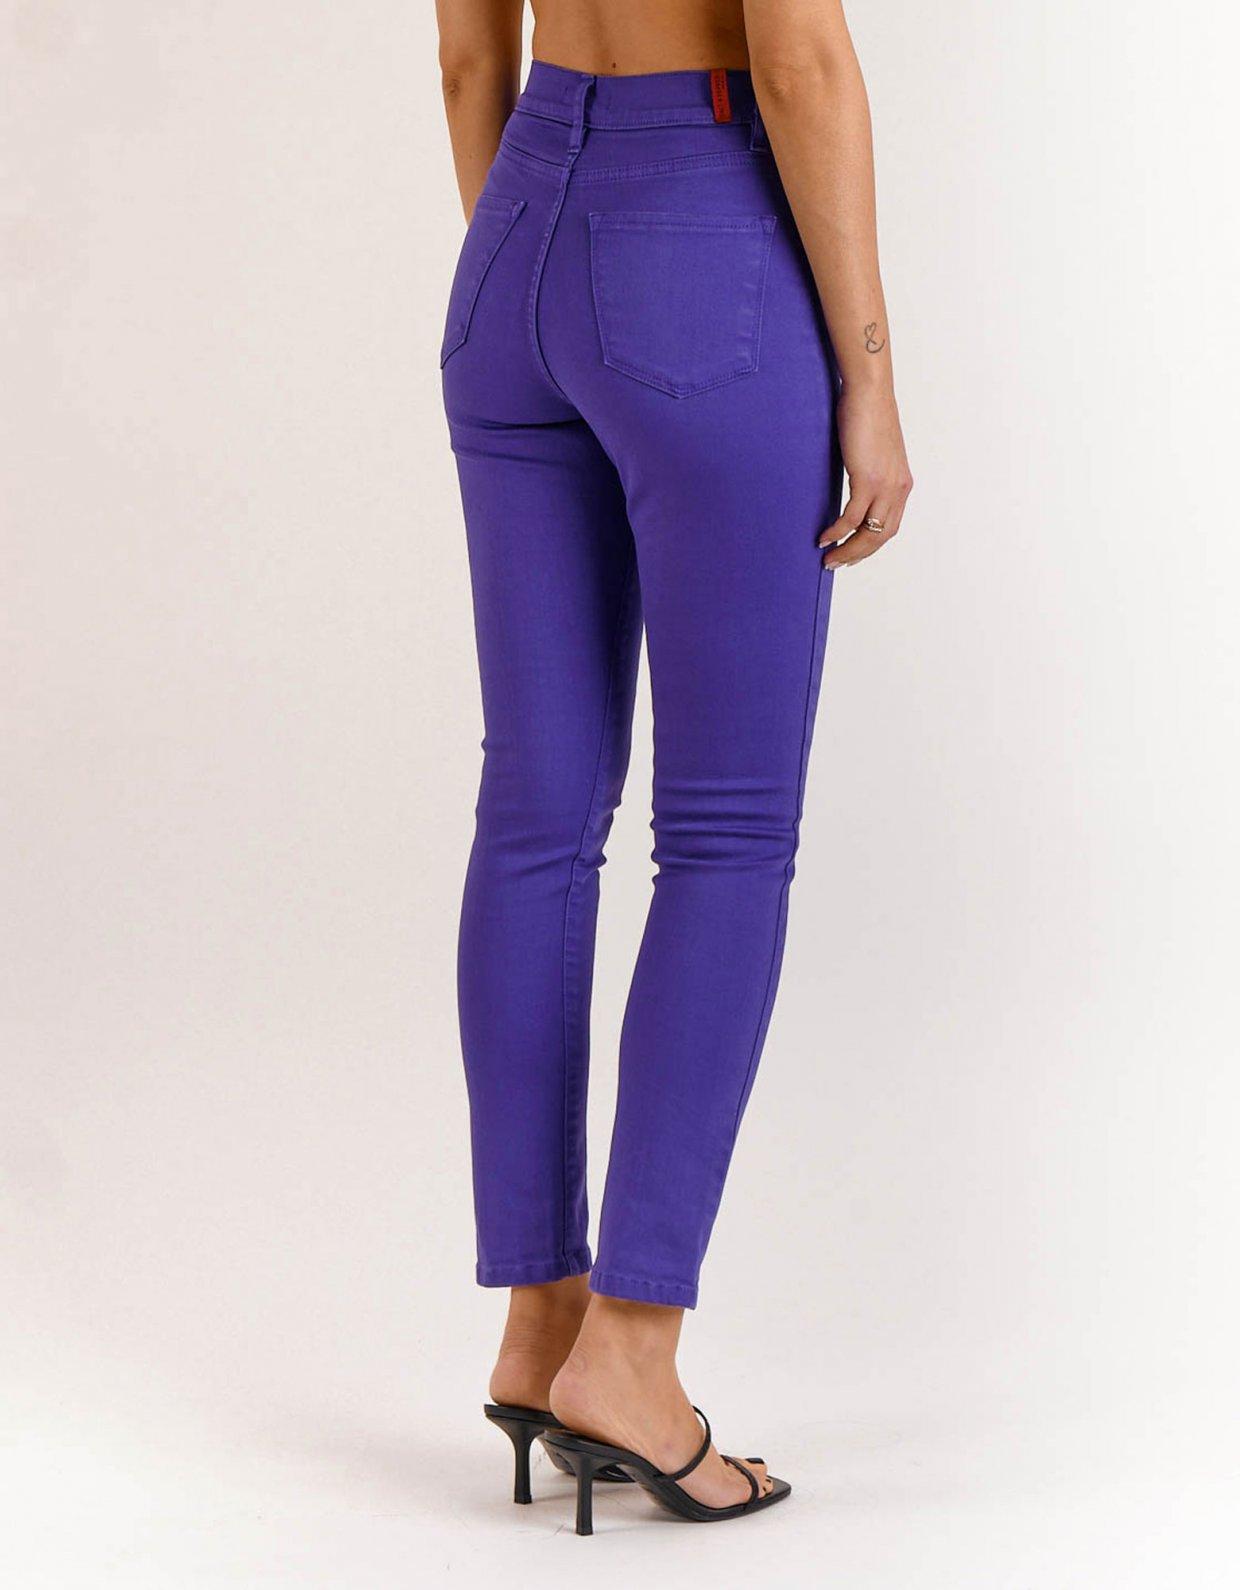 Salt & Pepper Kate violet reworked pants